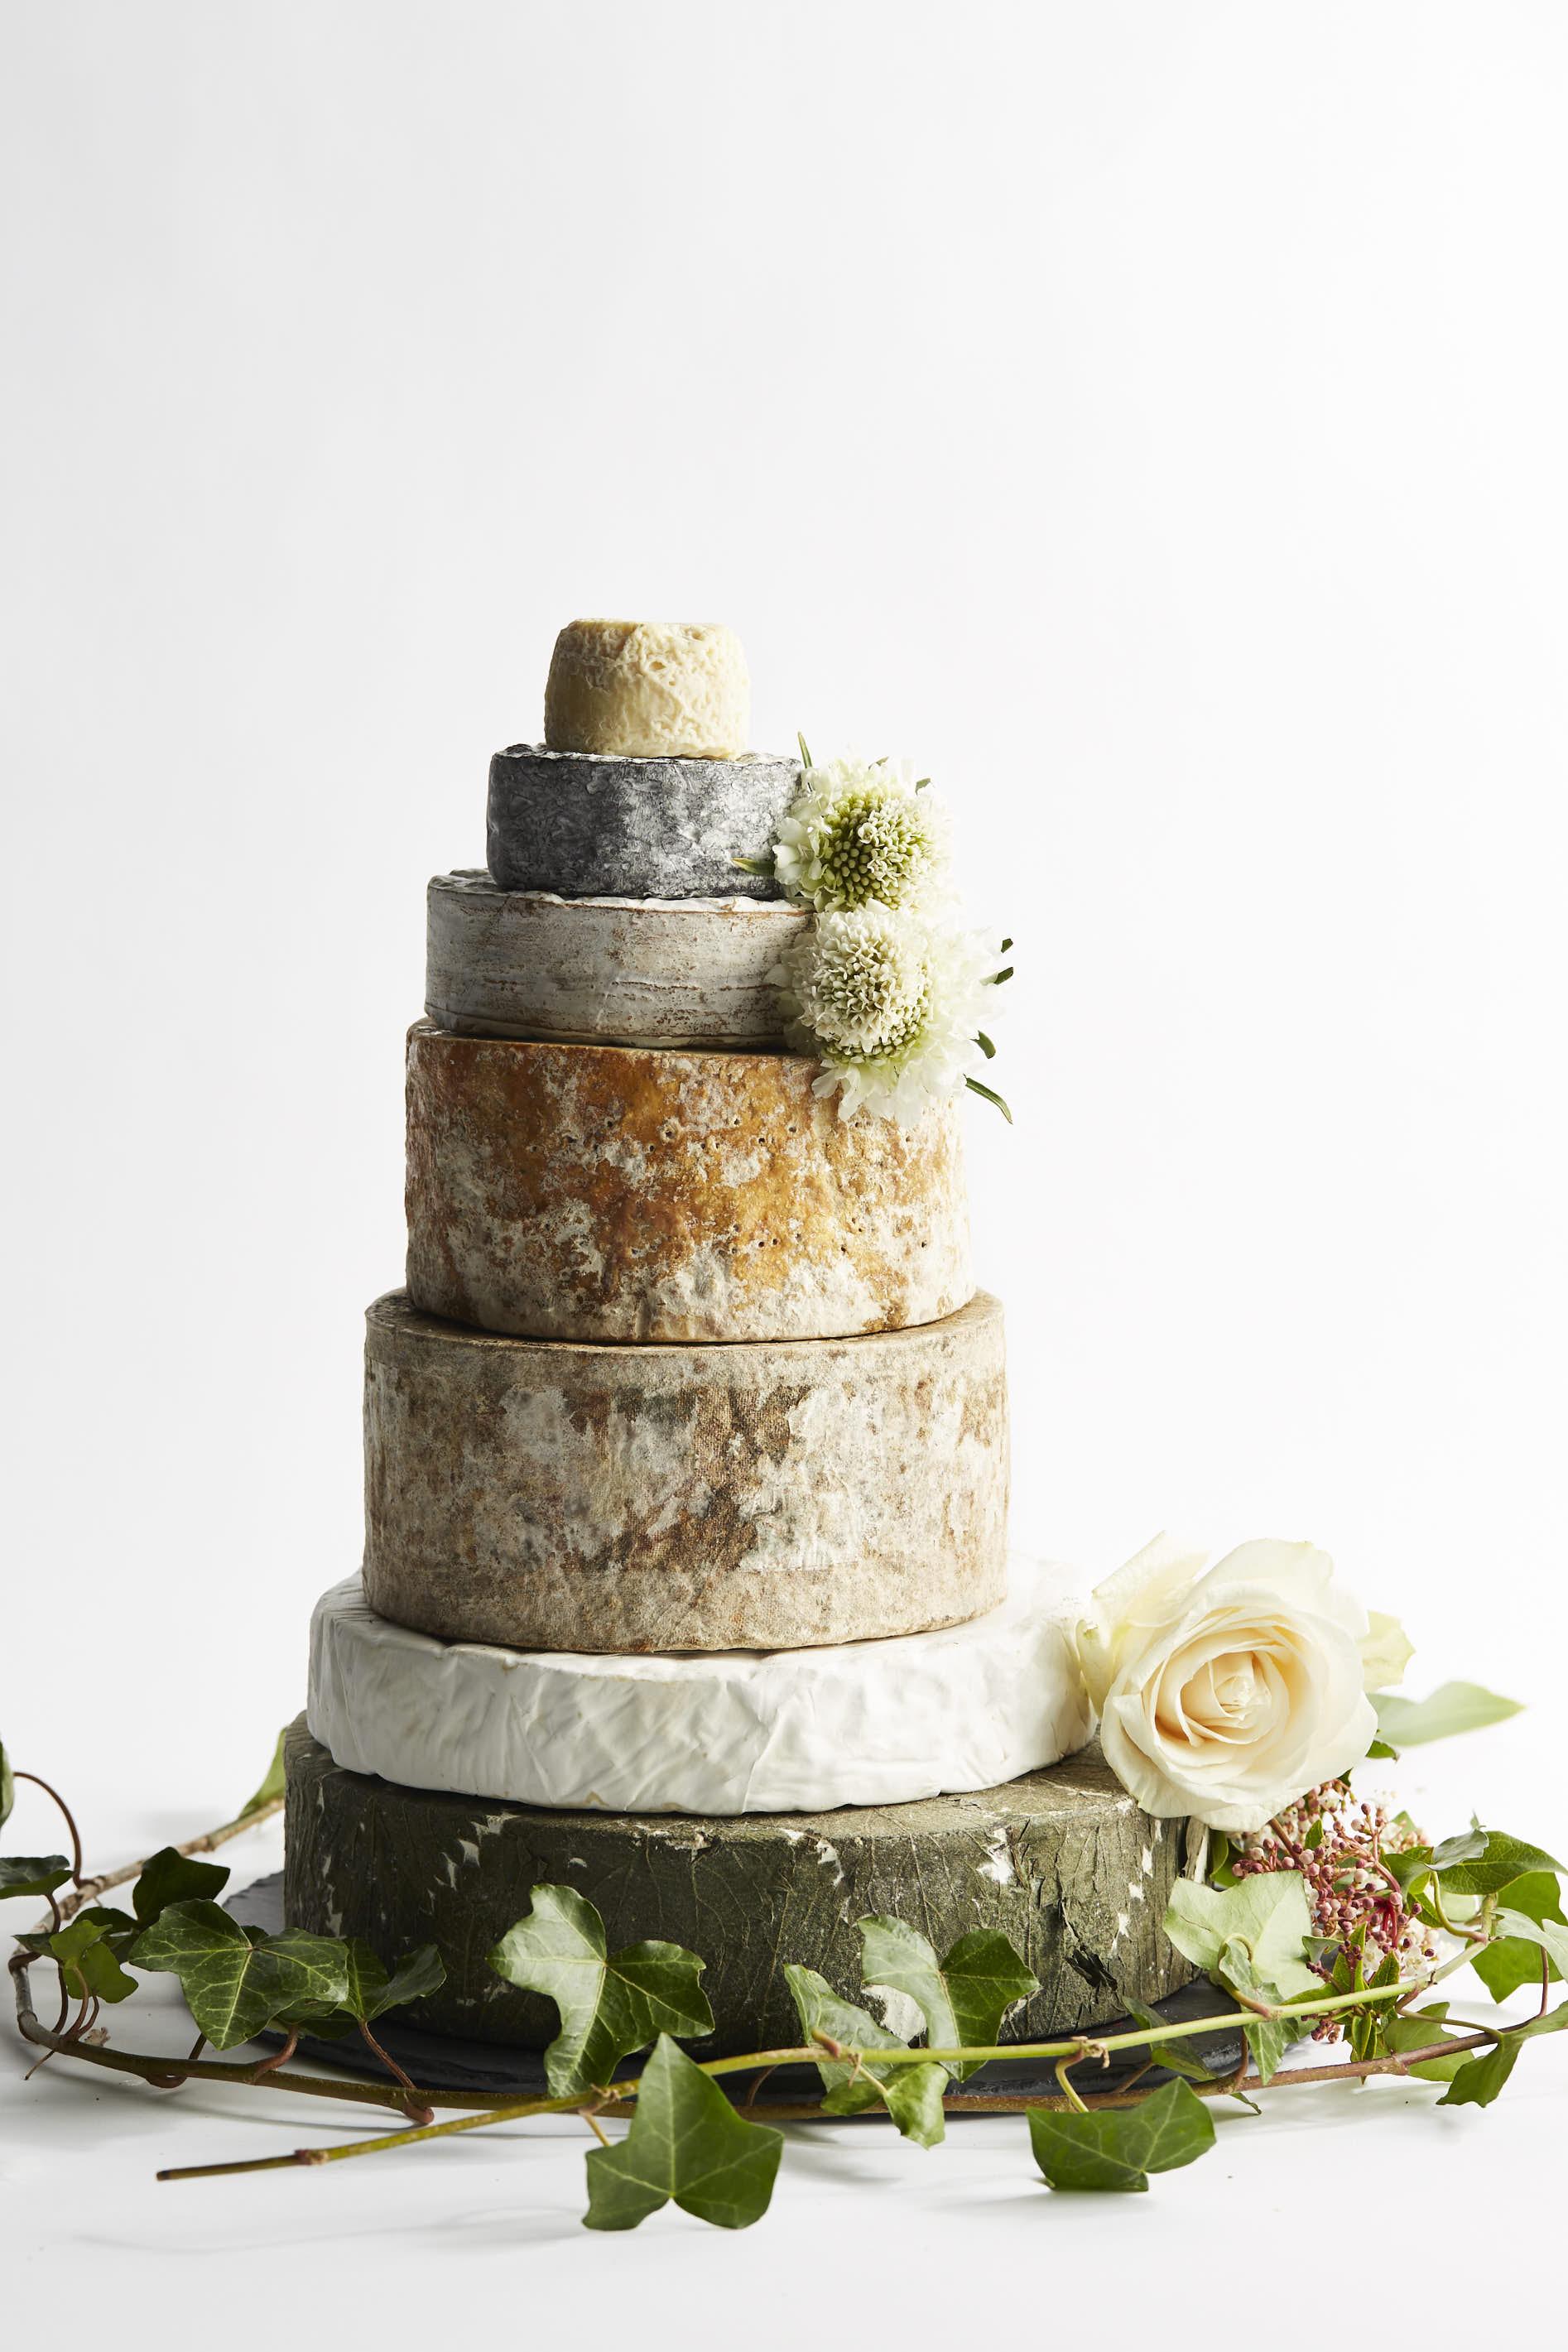 Exquisite Cheese Wedding Cake - Formaggi OcelloFormaggi Ocello